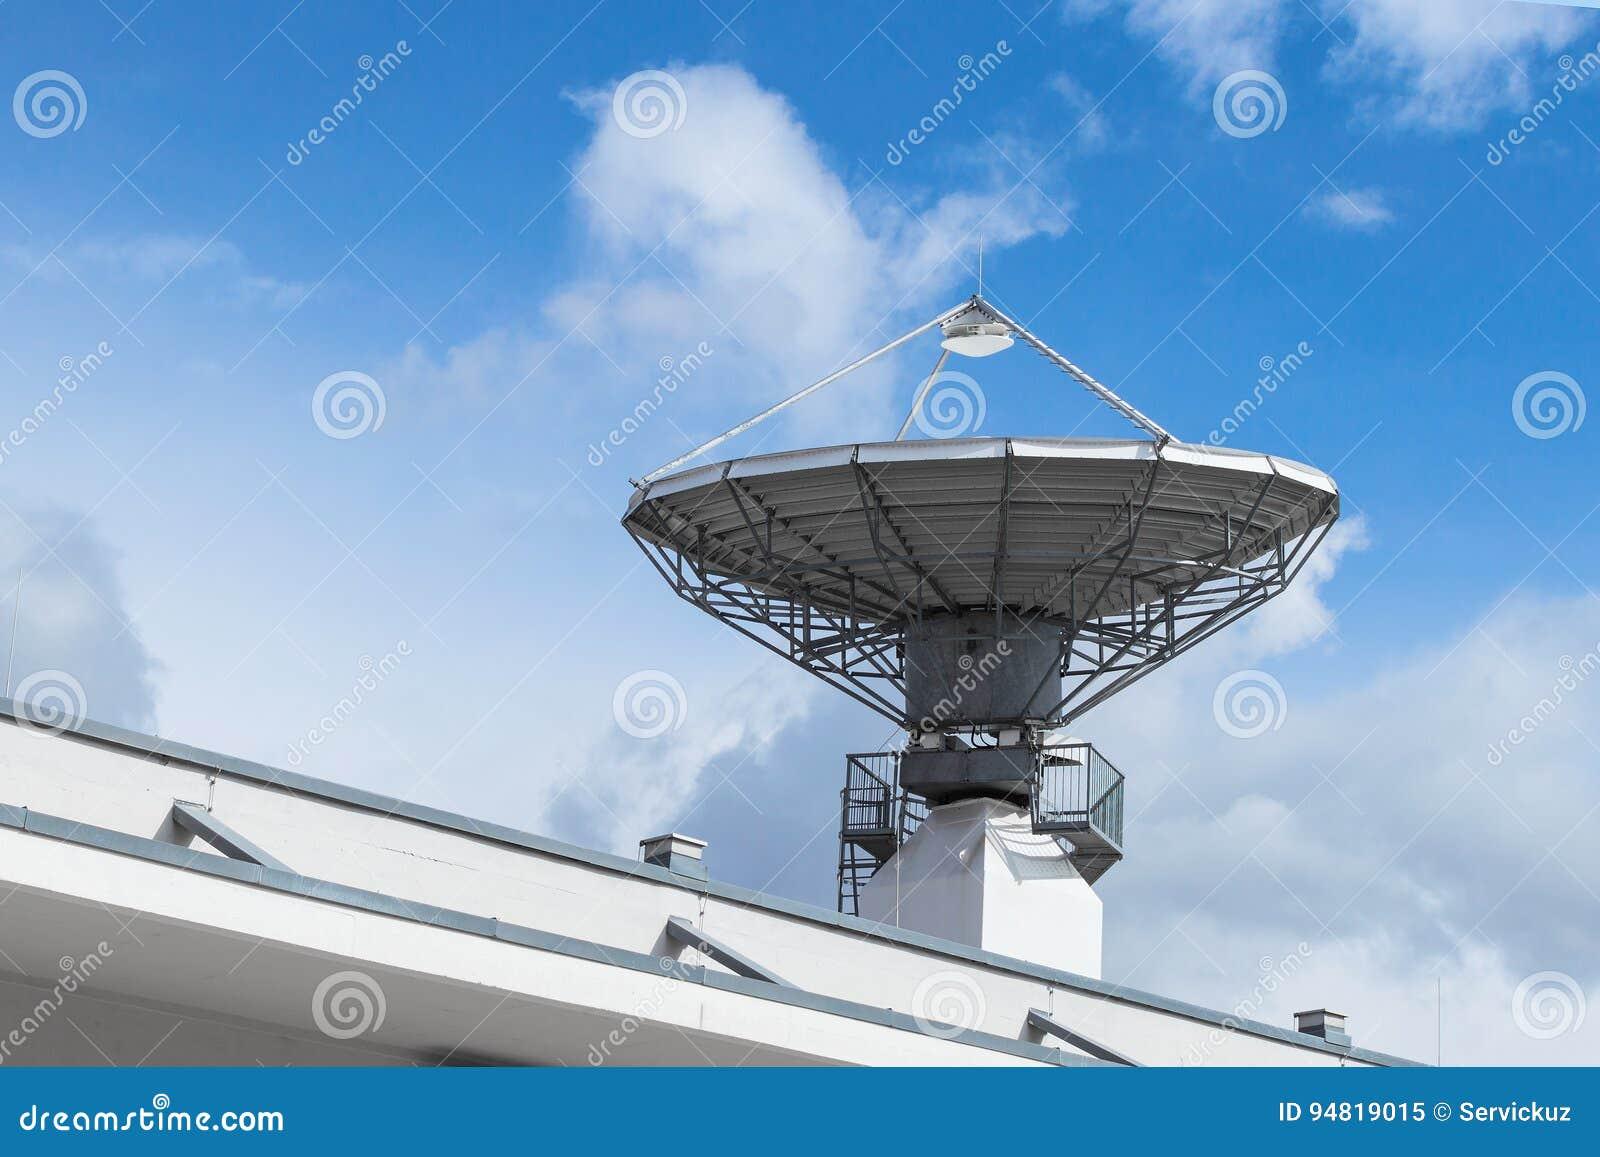 antenne parabolique satellite pour la télécommunication image stock